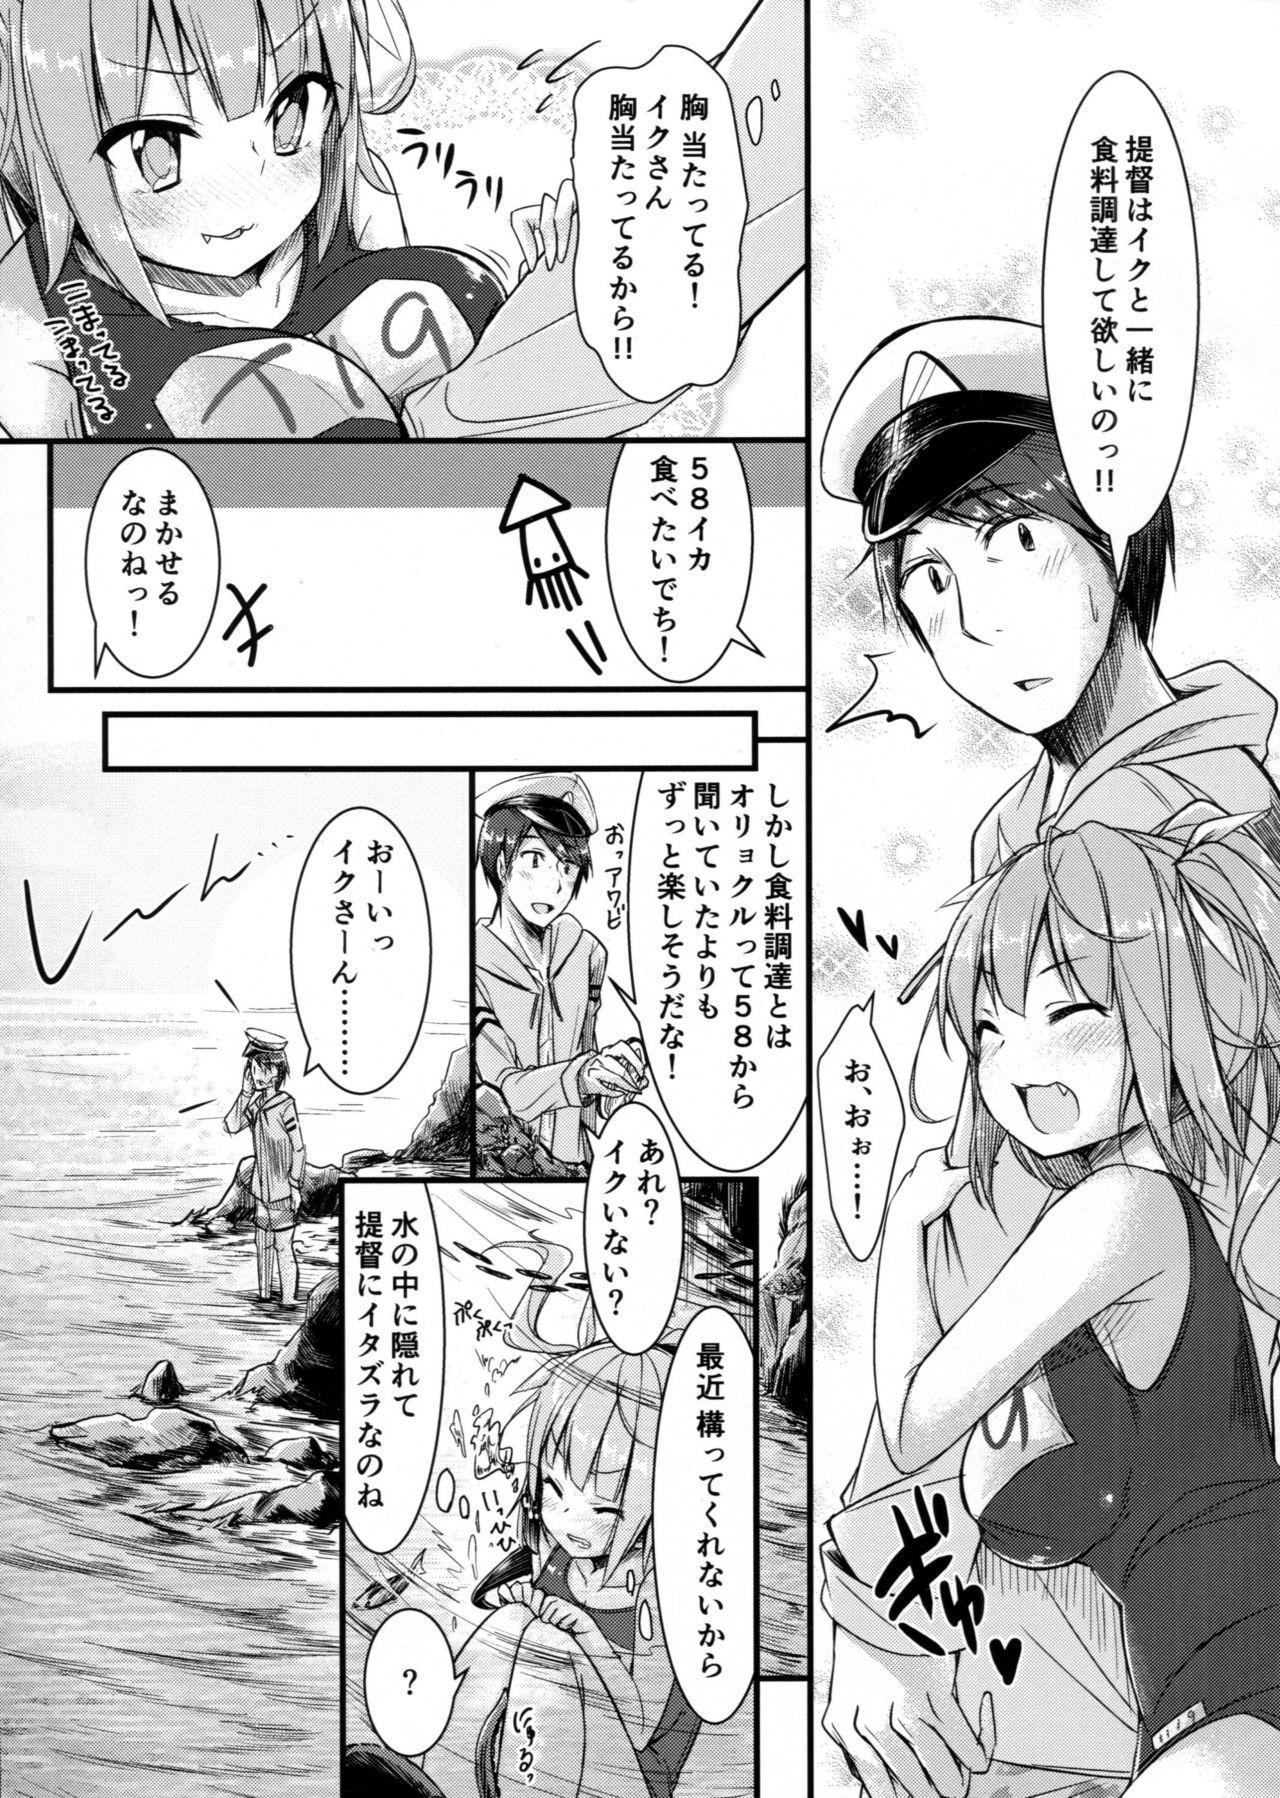 Iku to isshoni  Oryokuru Iku no!! 2 5